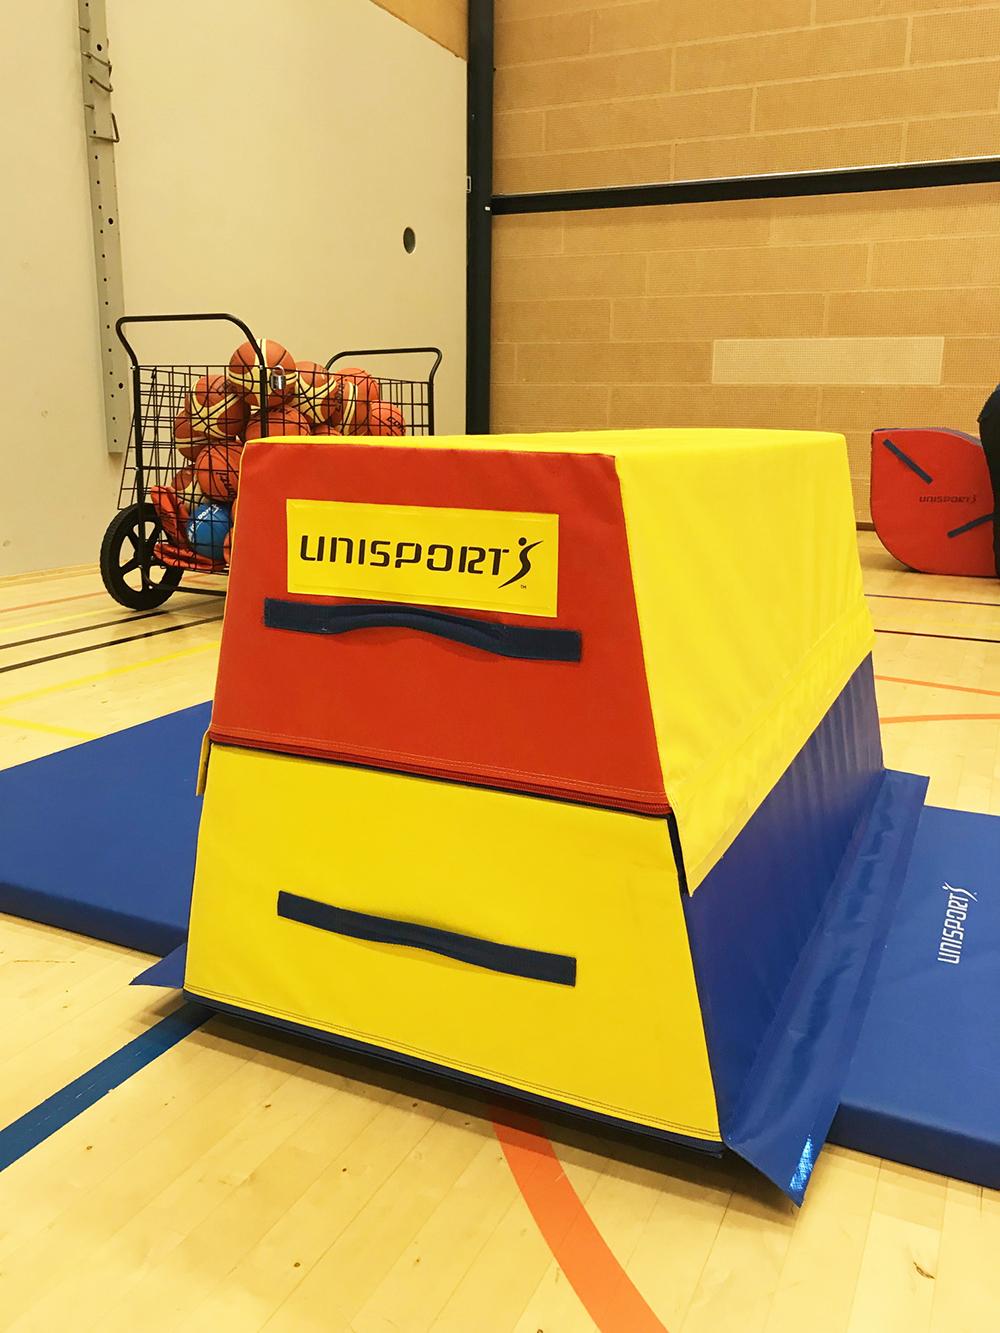 Koululiikunta voimistelu liikuntatunti liikuntahalli liikuntasali softline alastulomatto hyppypukki Unisport